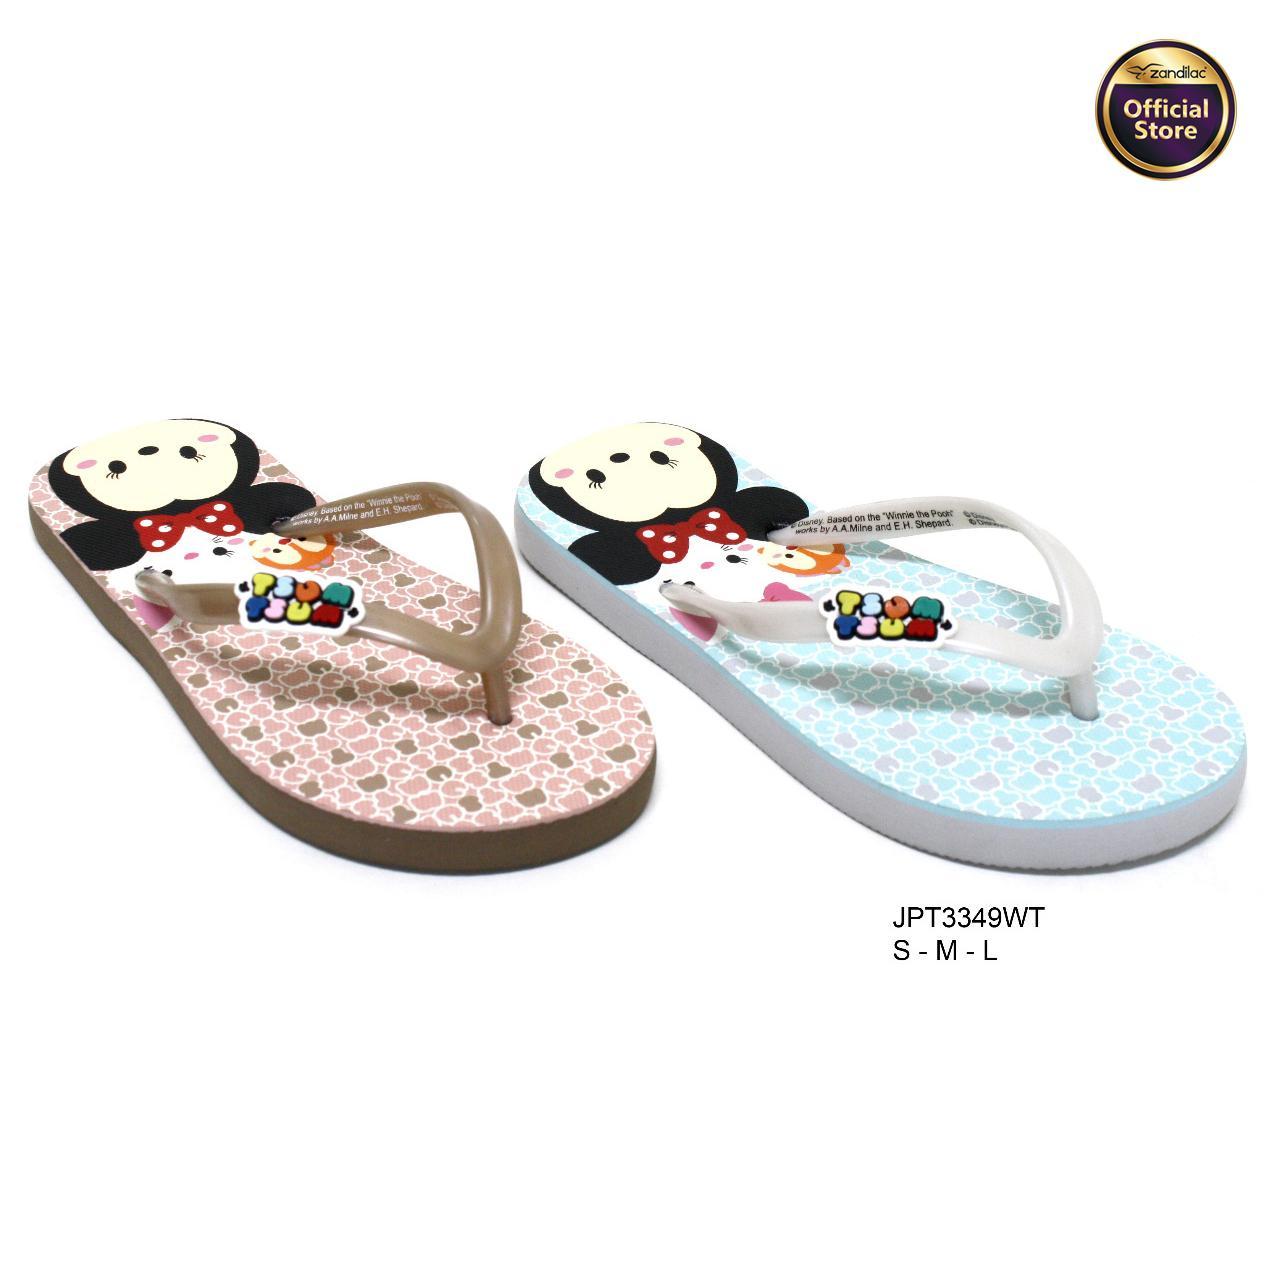 Tsum Piyama Tsumtsum Tiger Sandal Anak Jpt3349wt Coklat